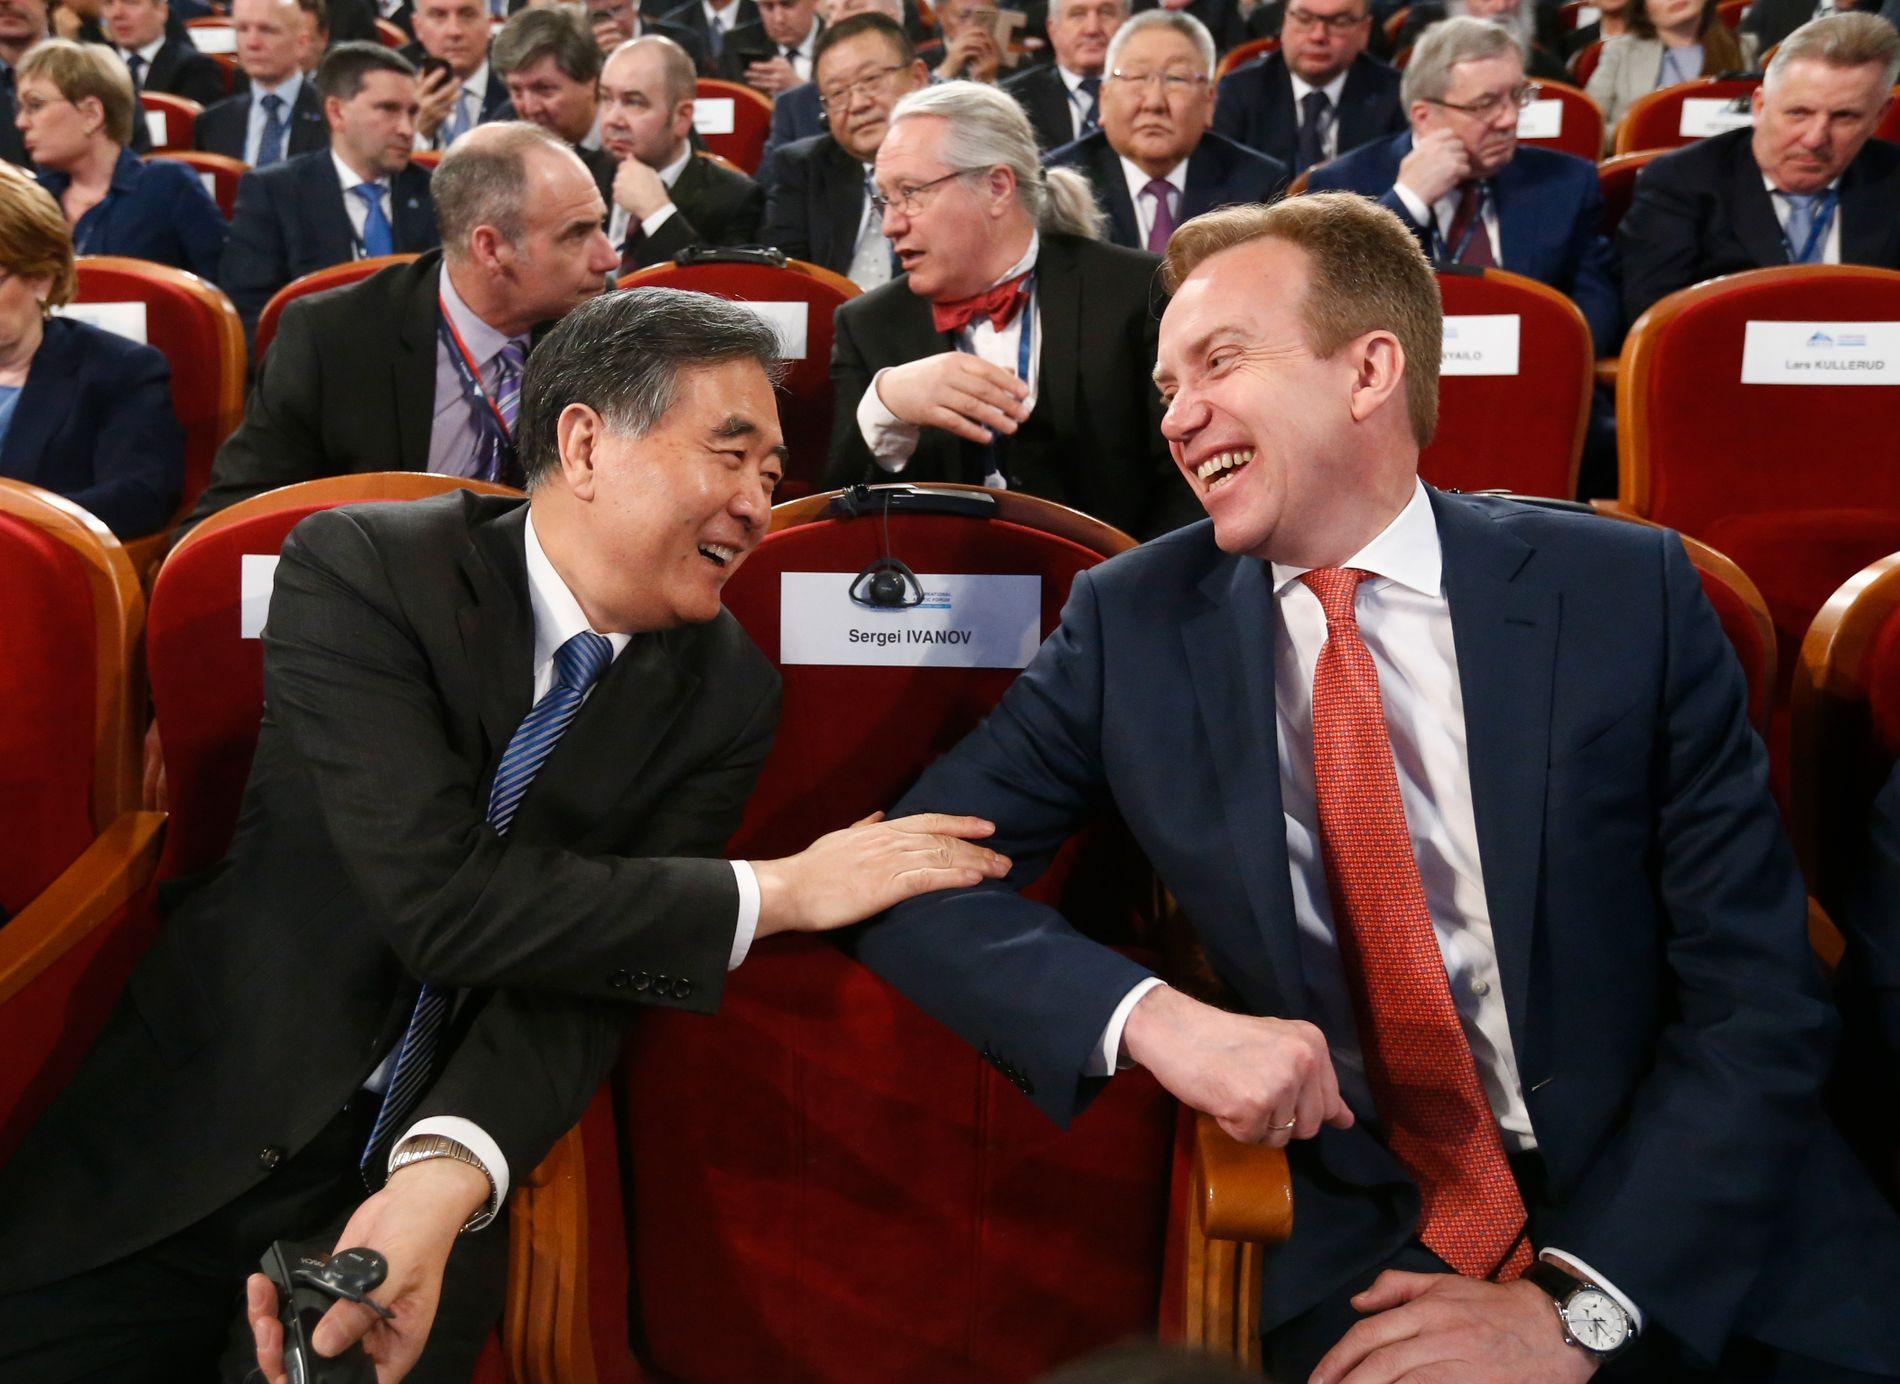 INNAFOR: Kinas observatørstatus i Arktisk Råd har gitt dem innsyn i utviklingen og avgjørelsene som tas i de ressursrike nordområdene. Her er visestatsminister Wang Yang i tilsynelatende jovial prat med daværende utenriksminister Børge Brende under det internasjonale arktiske forum i Arkhangelsk i 2017.